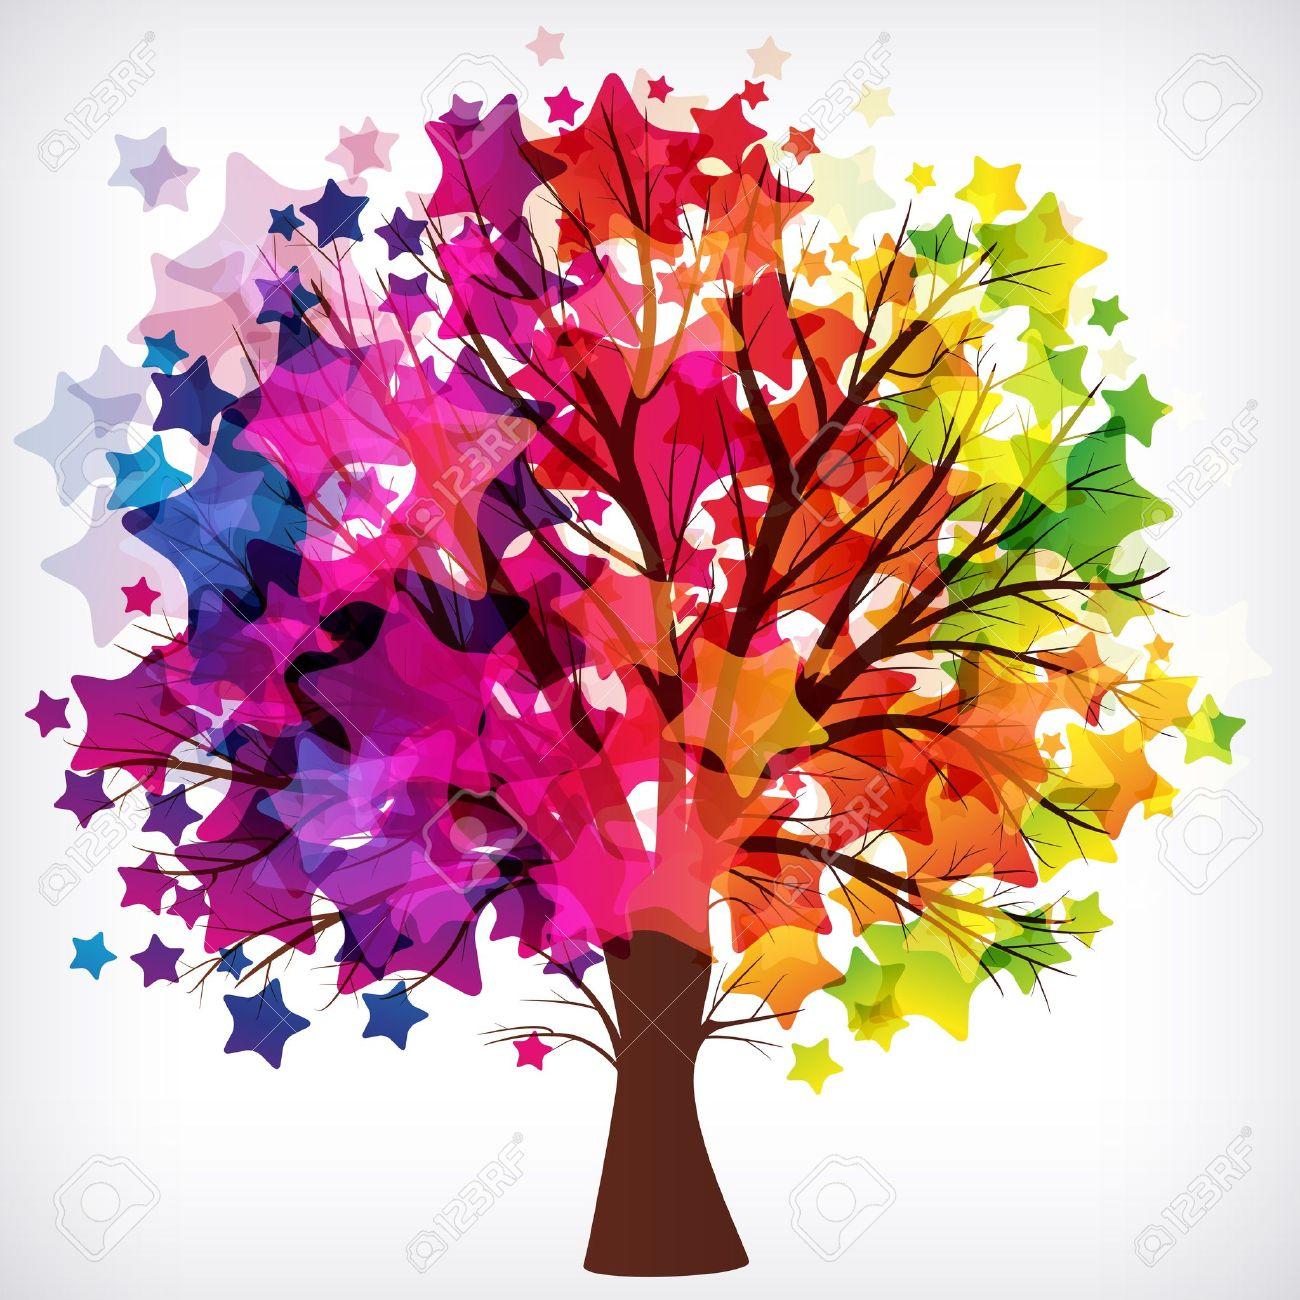 Resumen De Antecedentes árbol Con Ramas Hechas De Estrellas De